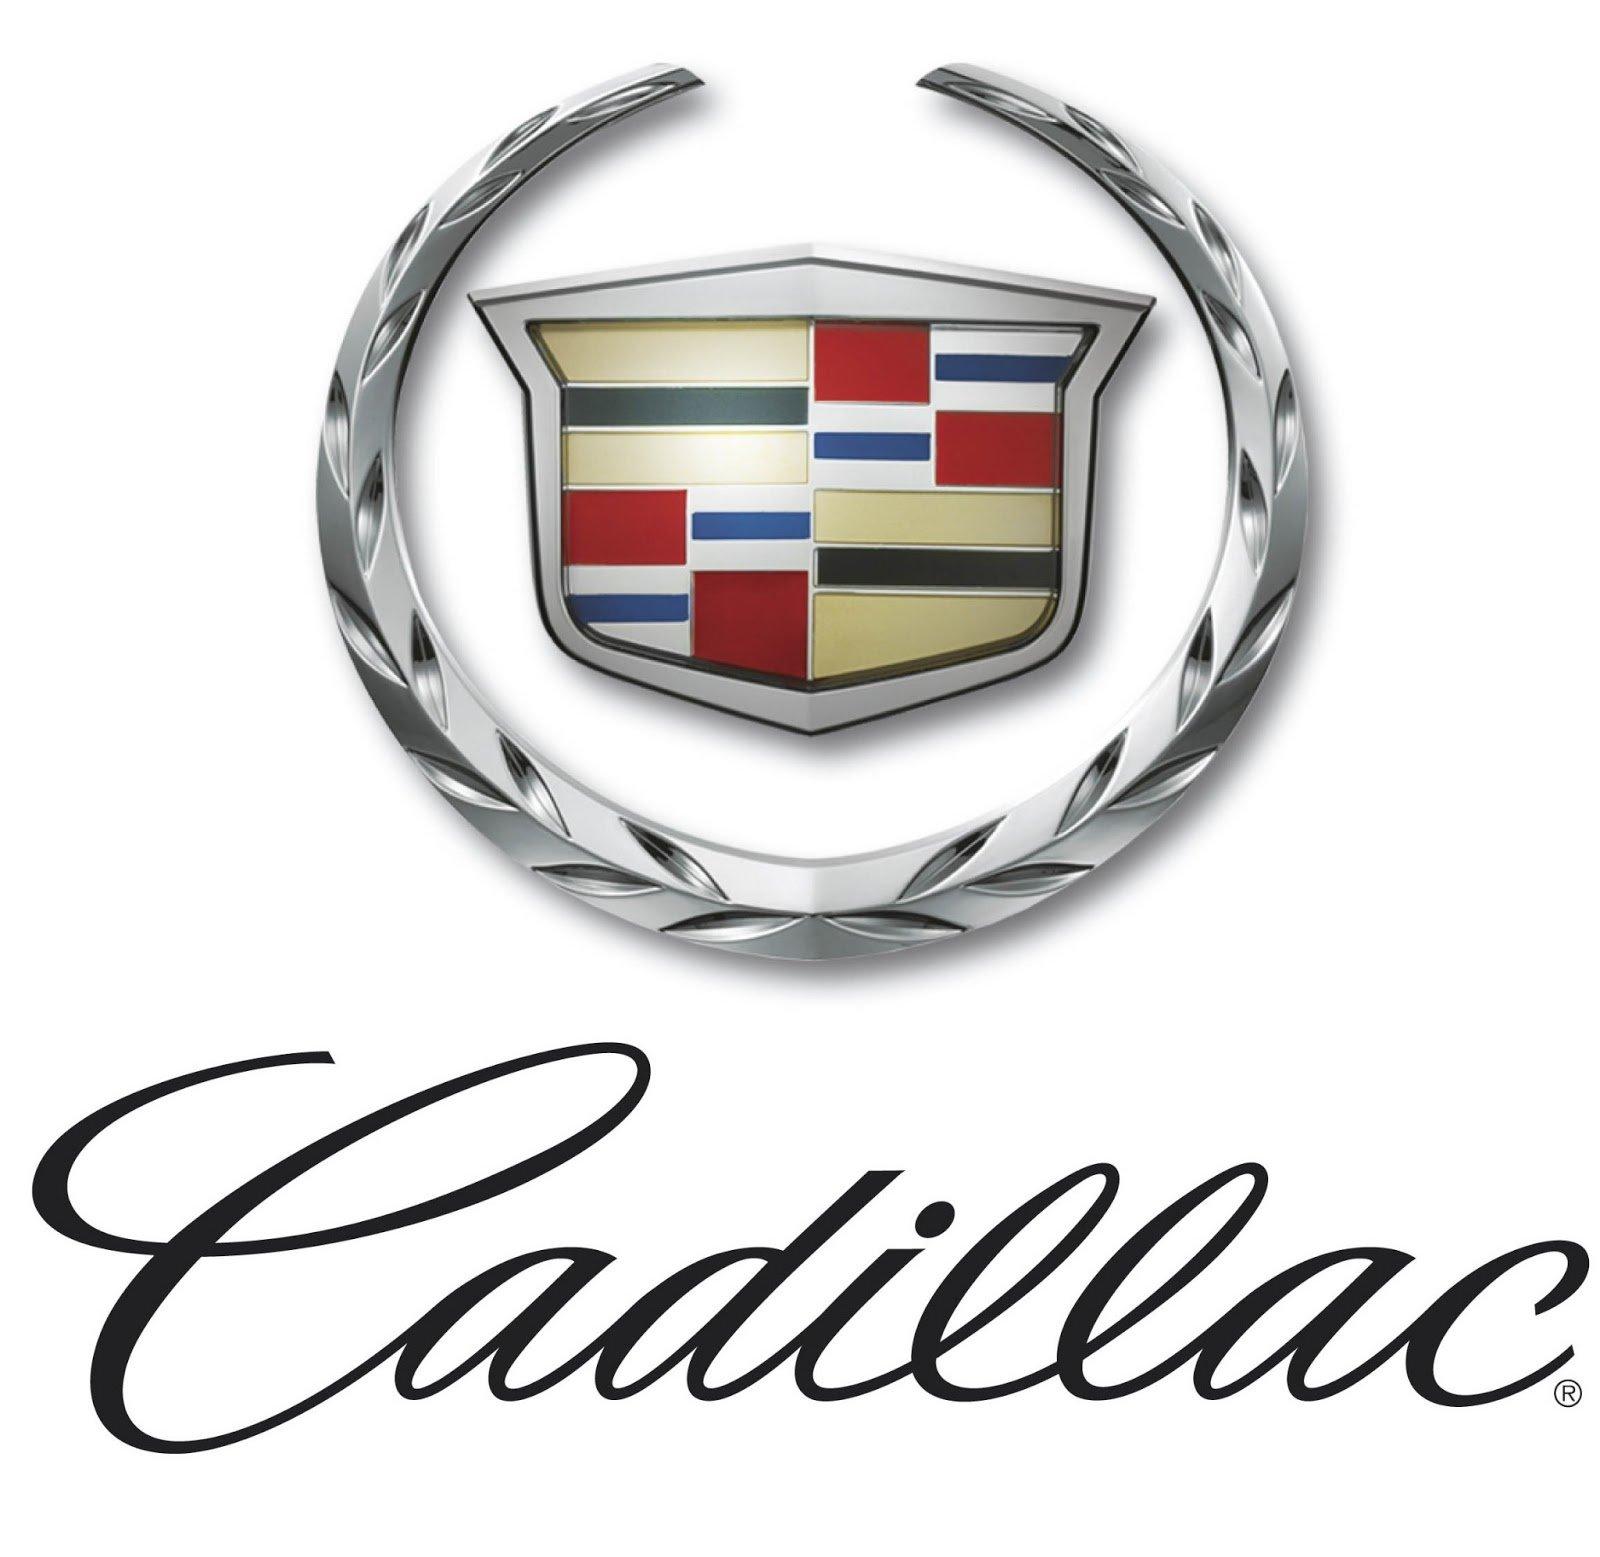 cadillac logo cadillac logo vector cadillac logo history cadillac logo 1600x1557